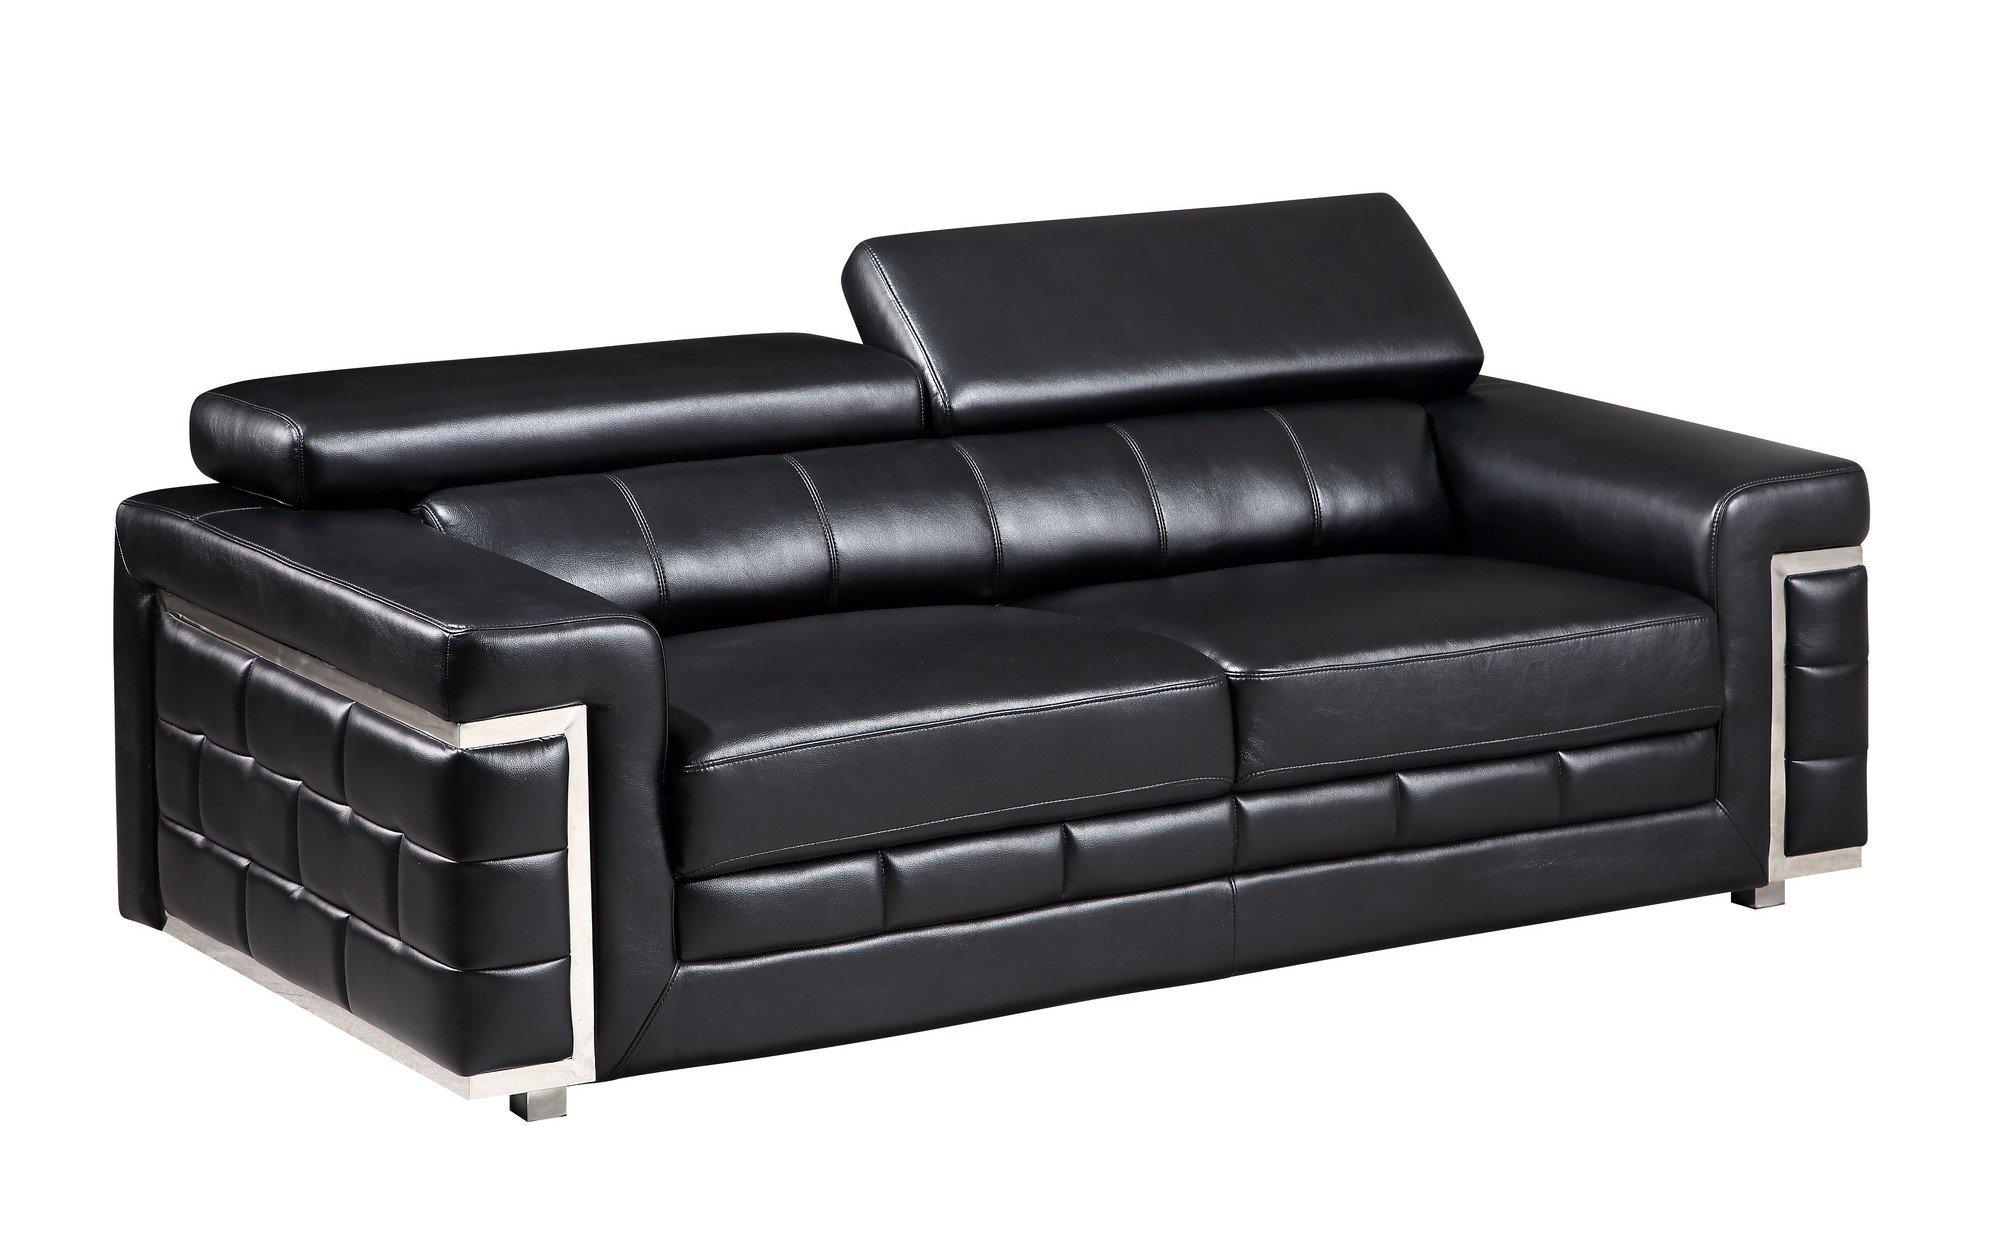 U7940 Black Leather Gel Sofa by Global Furniture